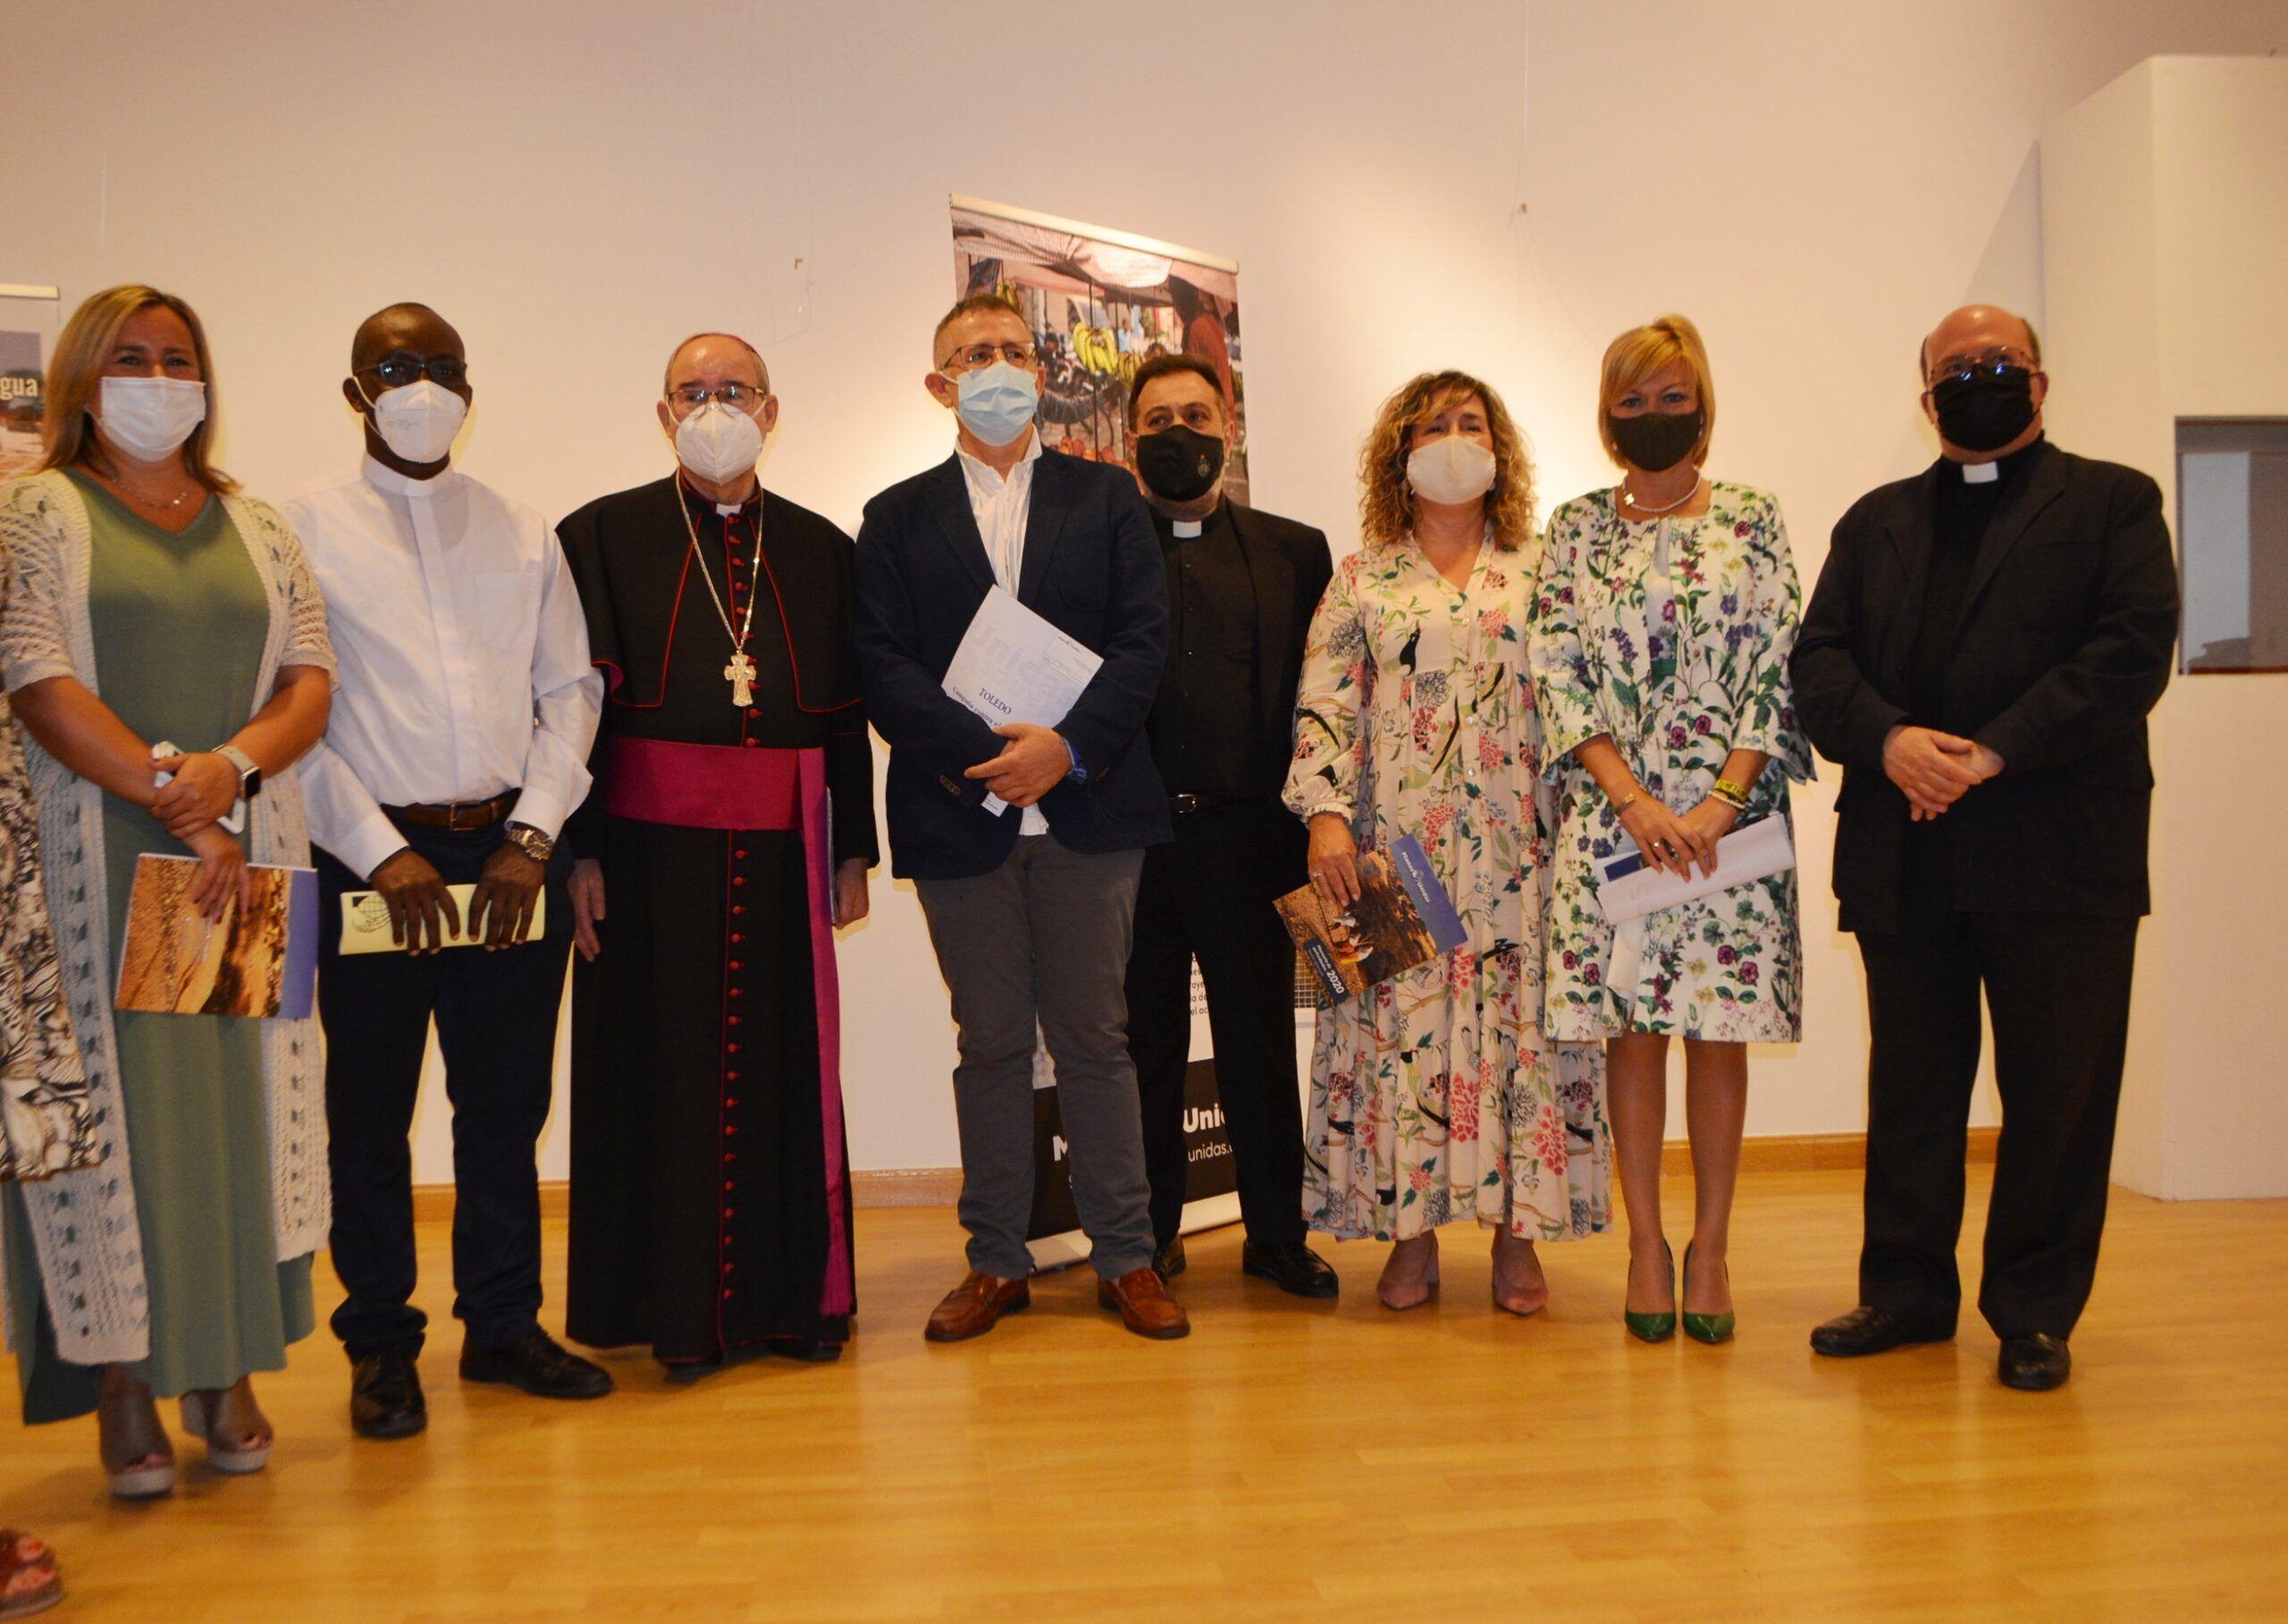 La Diputación comparte los objetivos de solidaridad de Manos Unidas con los más vulnerables del planeta